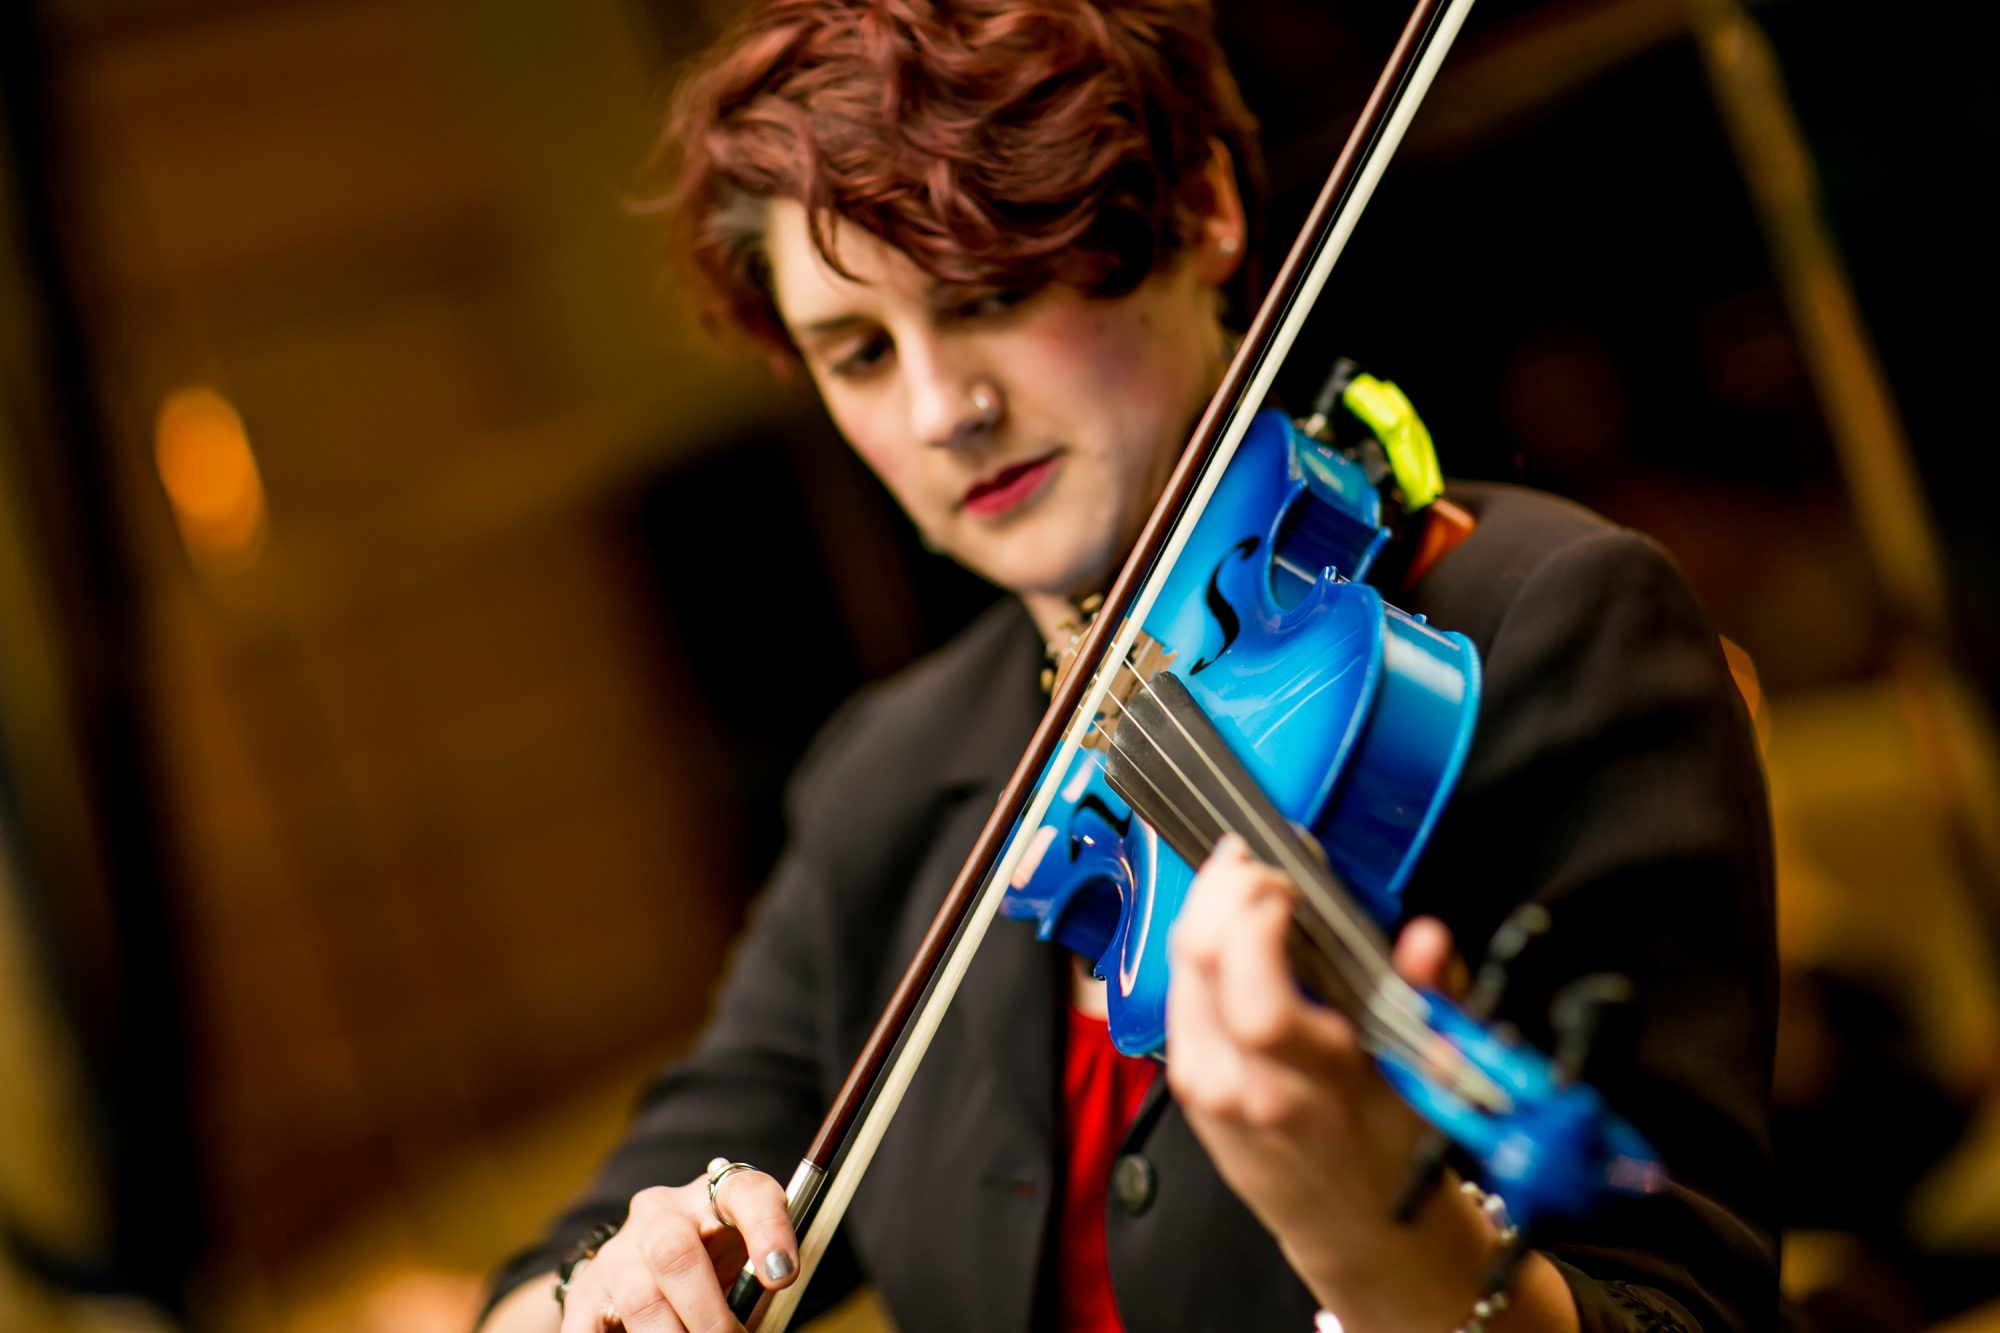 Sarah Blick